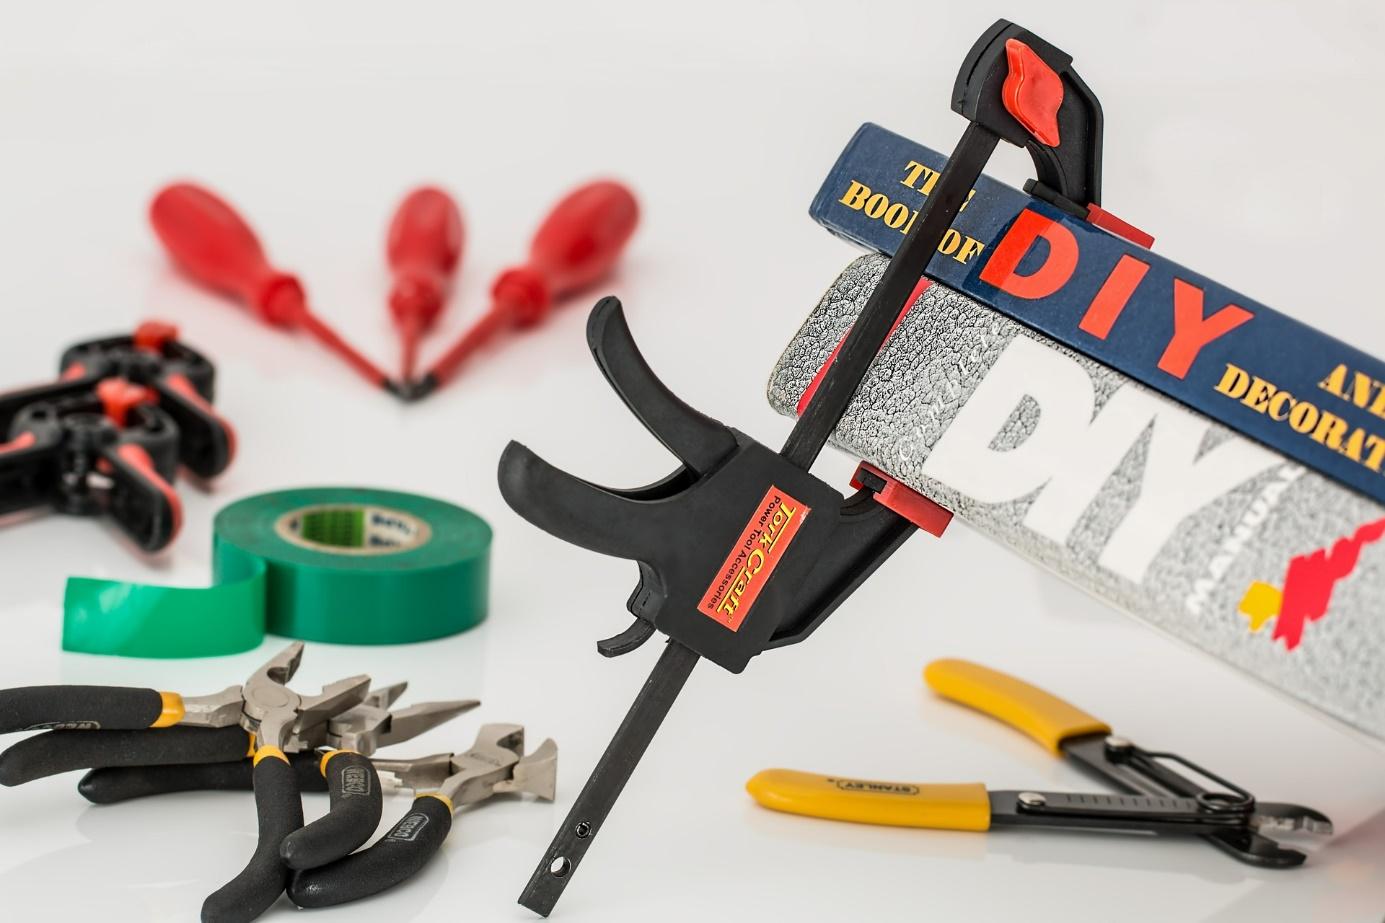 image Les outils de bricolage indispensables dans une maison